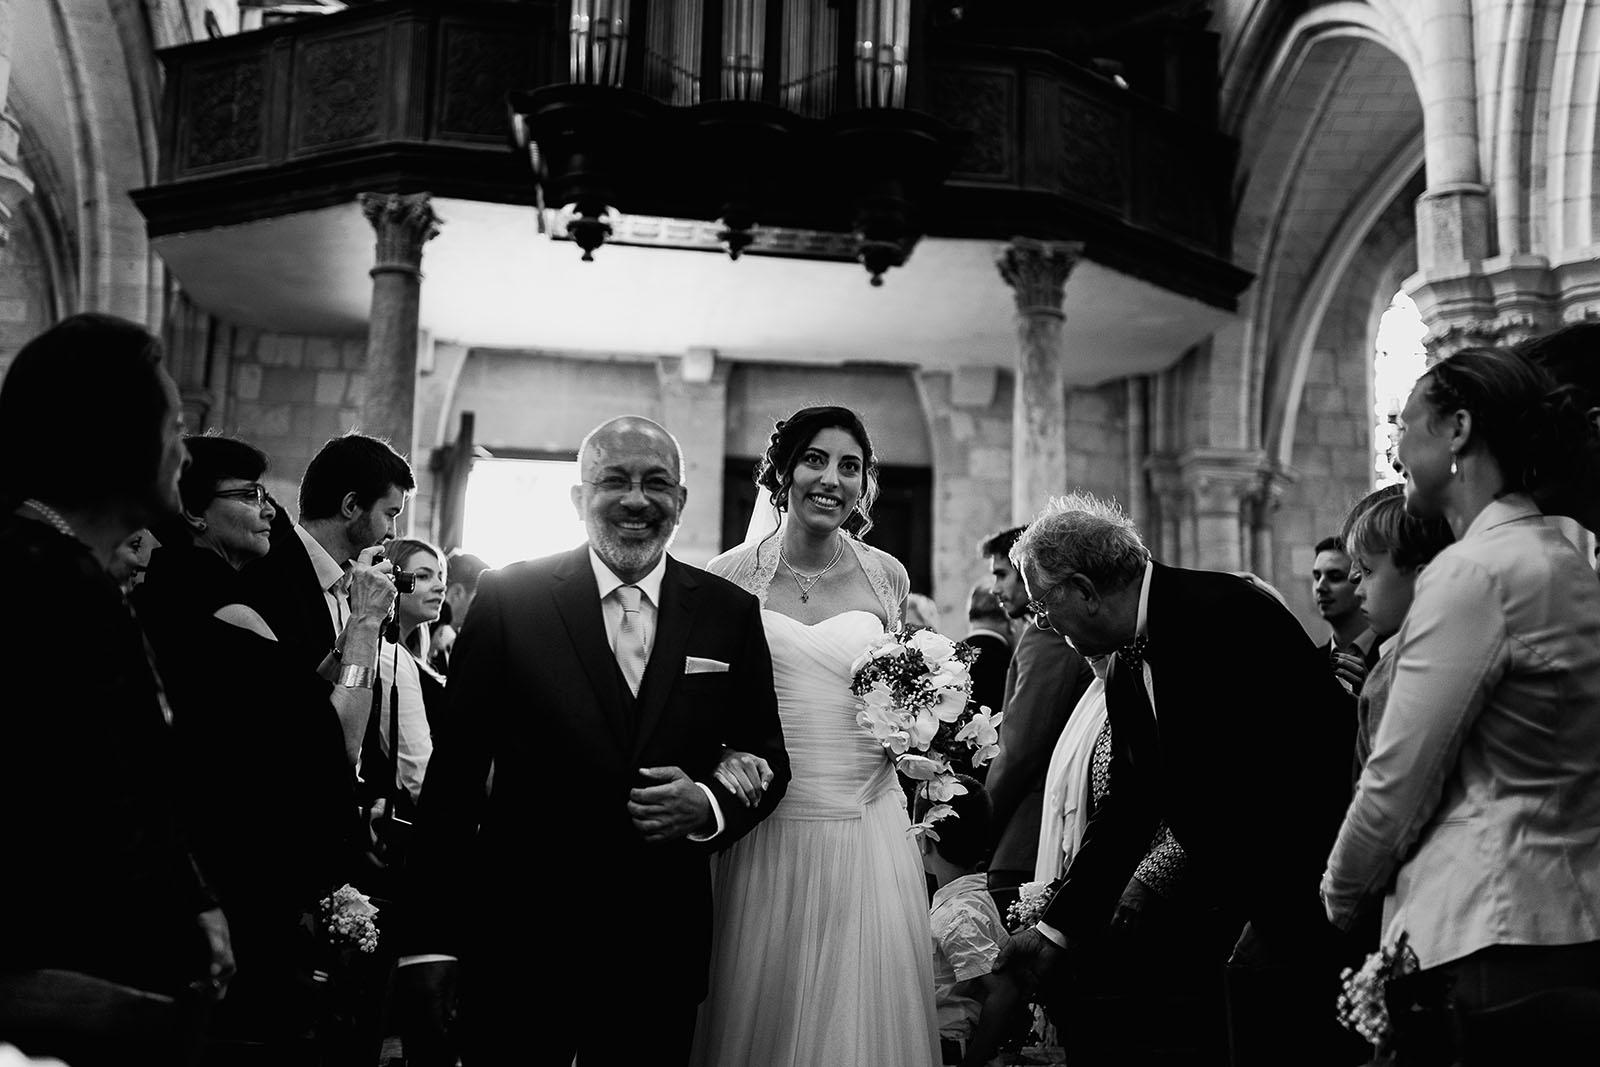 Mariage au Manoir de Corny en Normandie. Entrée de la mariée dans l'église au bras du papa